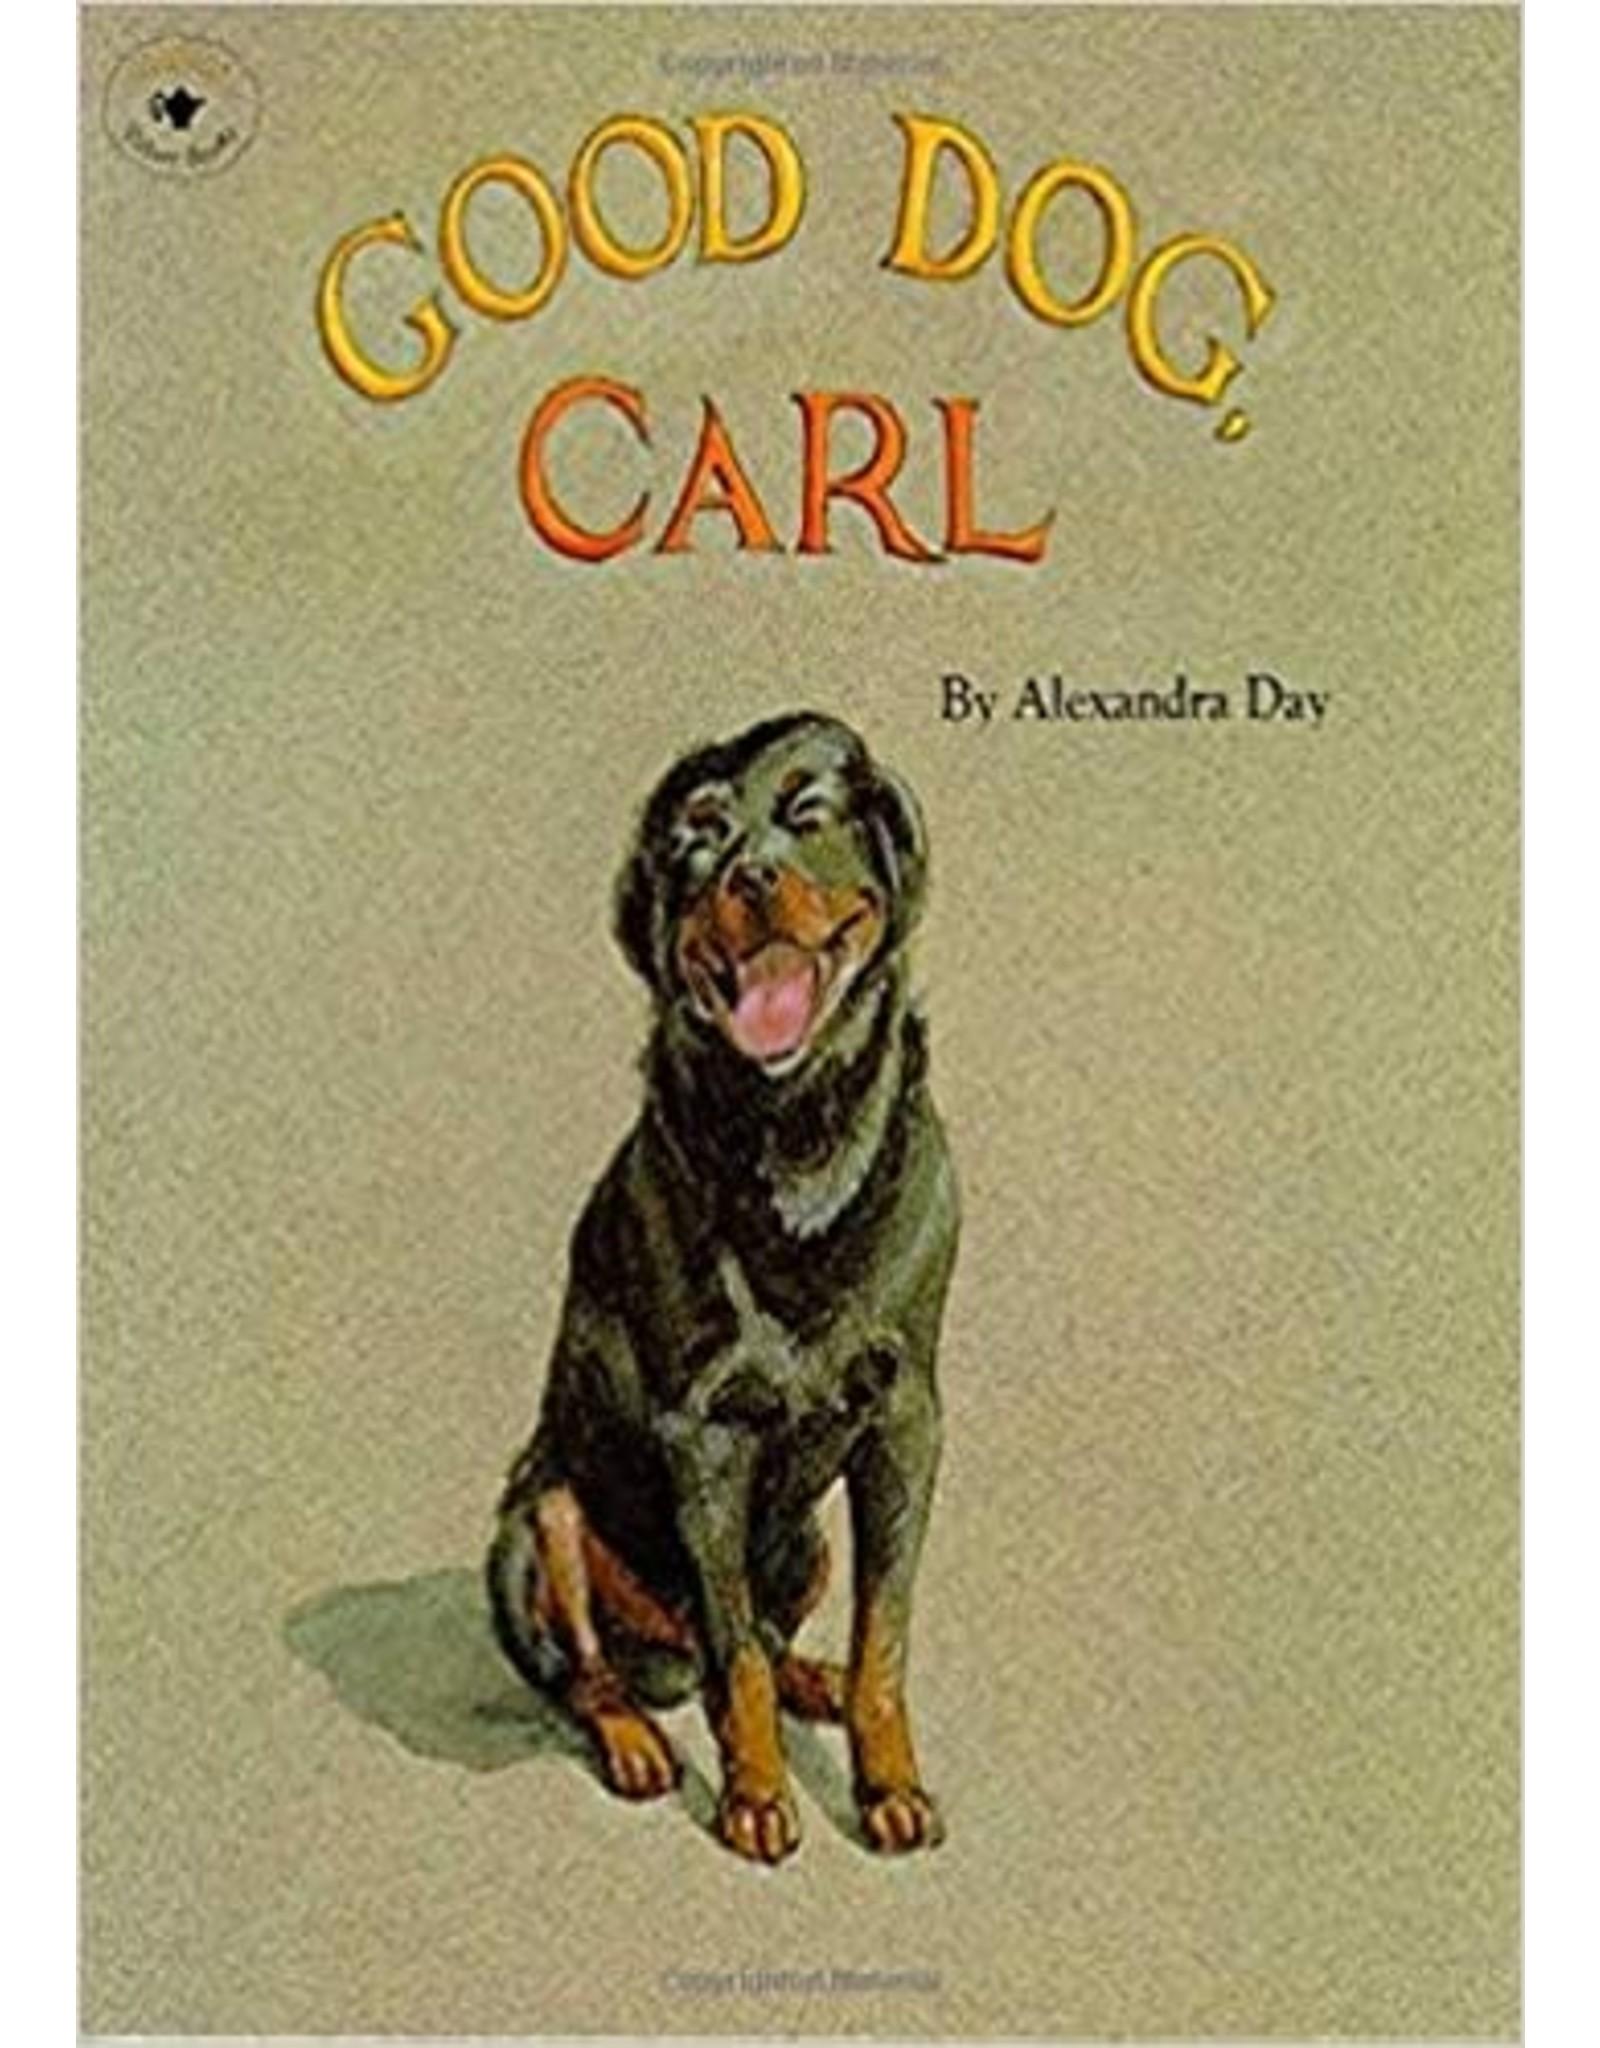 Aladdin GOOD DOG, CARL